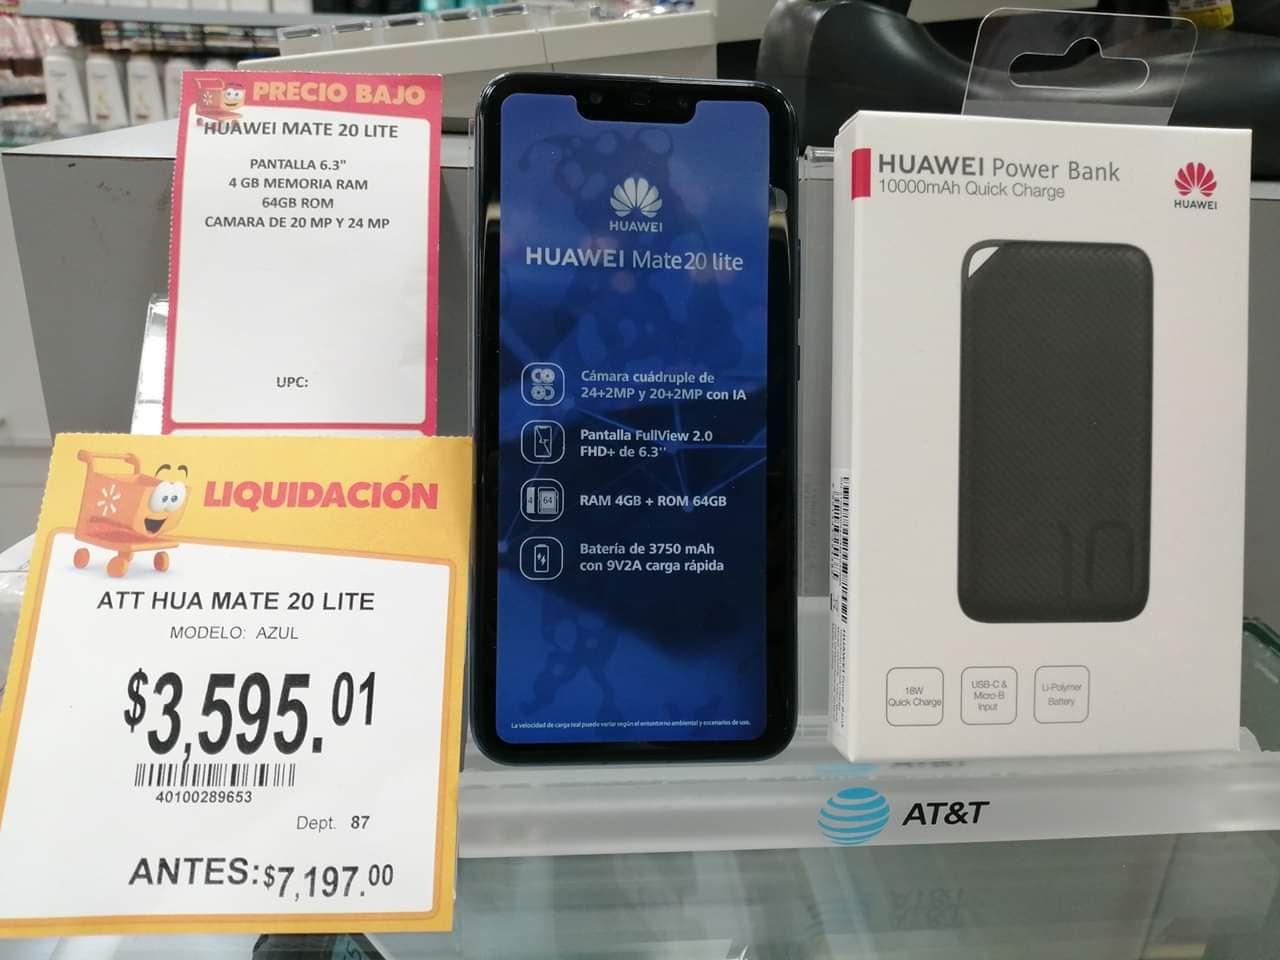 Walmart Campeche: Huawei mate 20 lite + power bank Huawei 10,000 mah